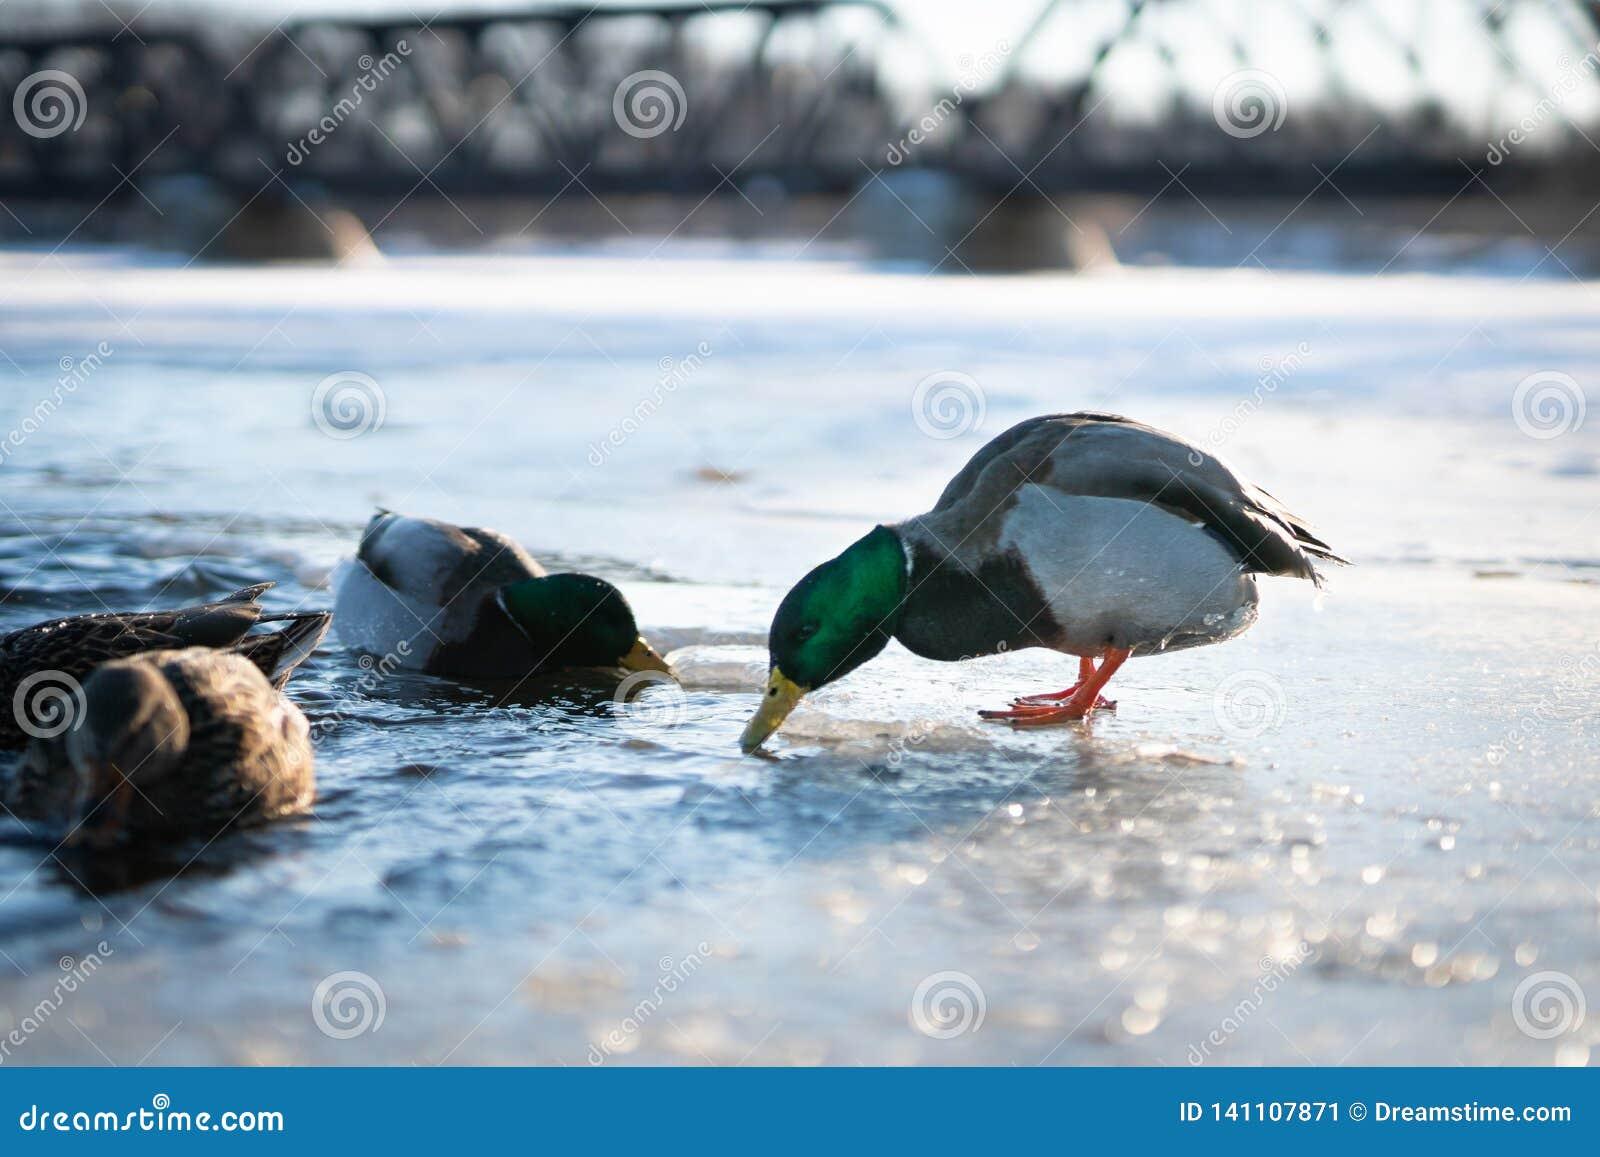 Pato masculino del pato silvestre alrededor a zambullirse en la agua fría de un lago o de una charca congelado del río en una luz